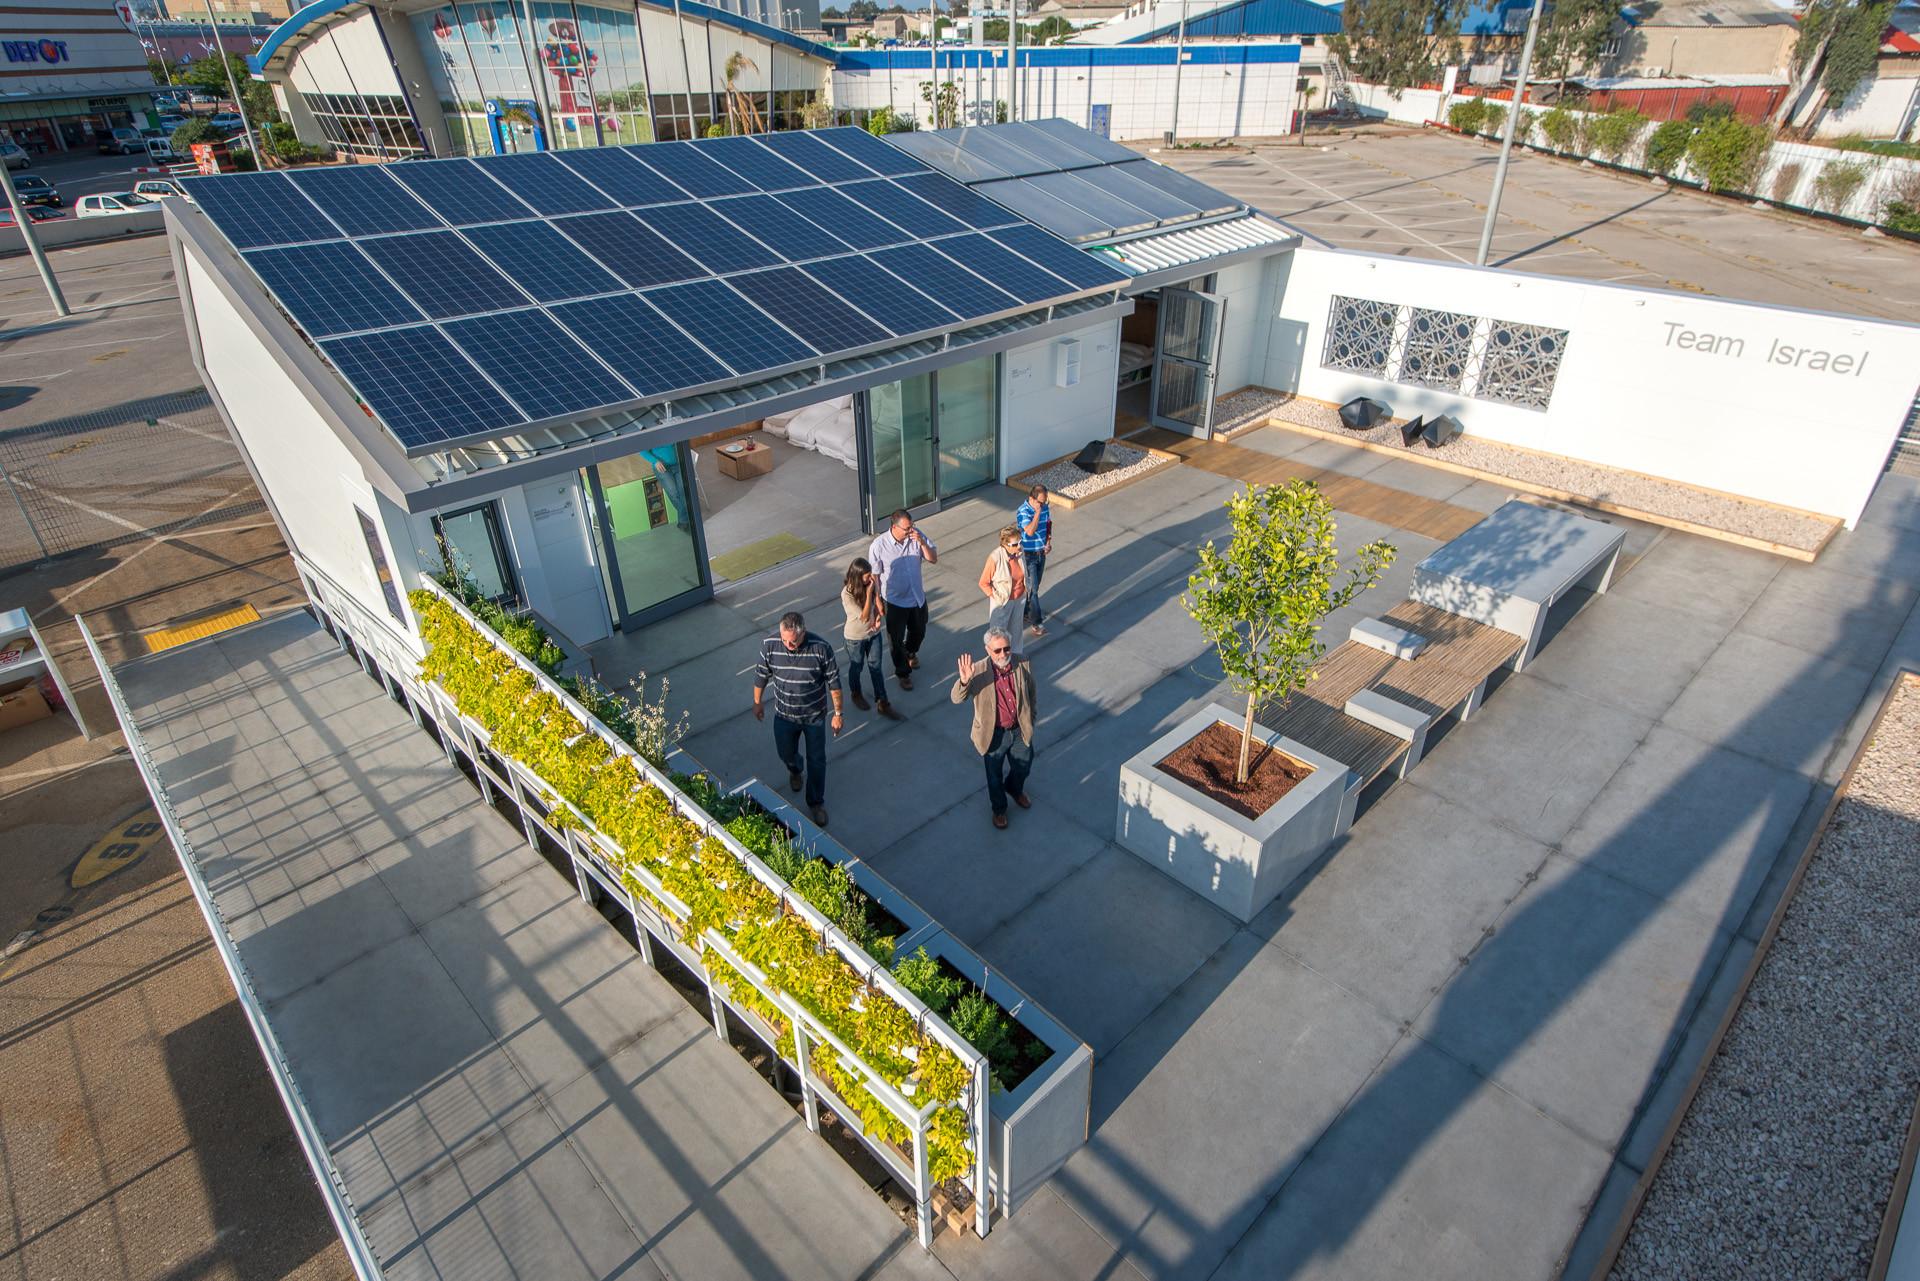 Solar Decathlon China 2013: Equipo de Israel presenta una vivienda solar eficiente que se basa en las tradiciones constructivas del pasado, © Lior Avitan, Courtesy of Solar Decathlon Team Israel